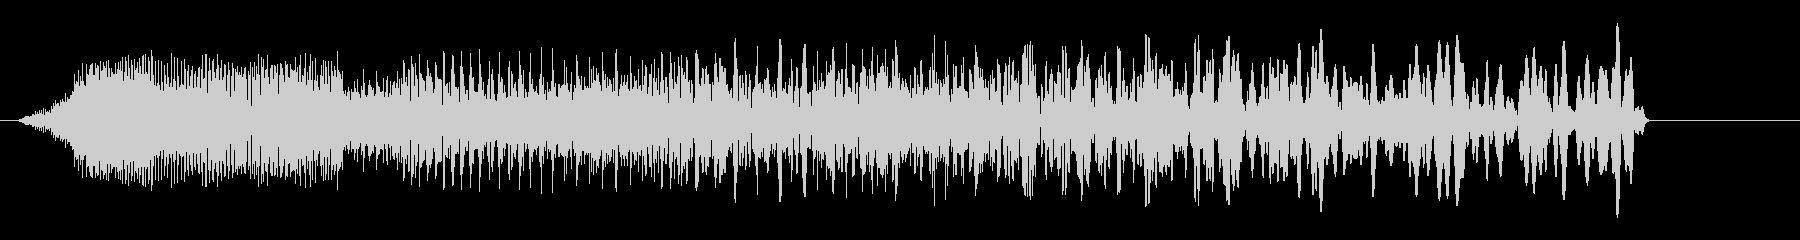 ビューン(ビーム音、警告音)の未再生の波形